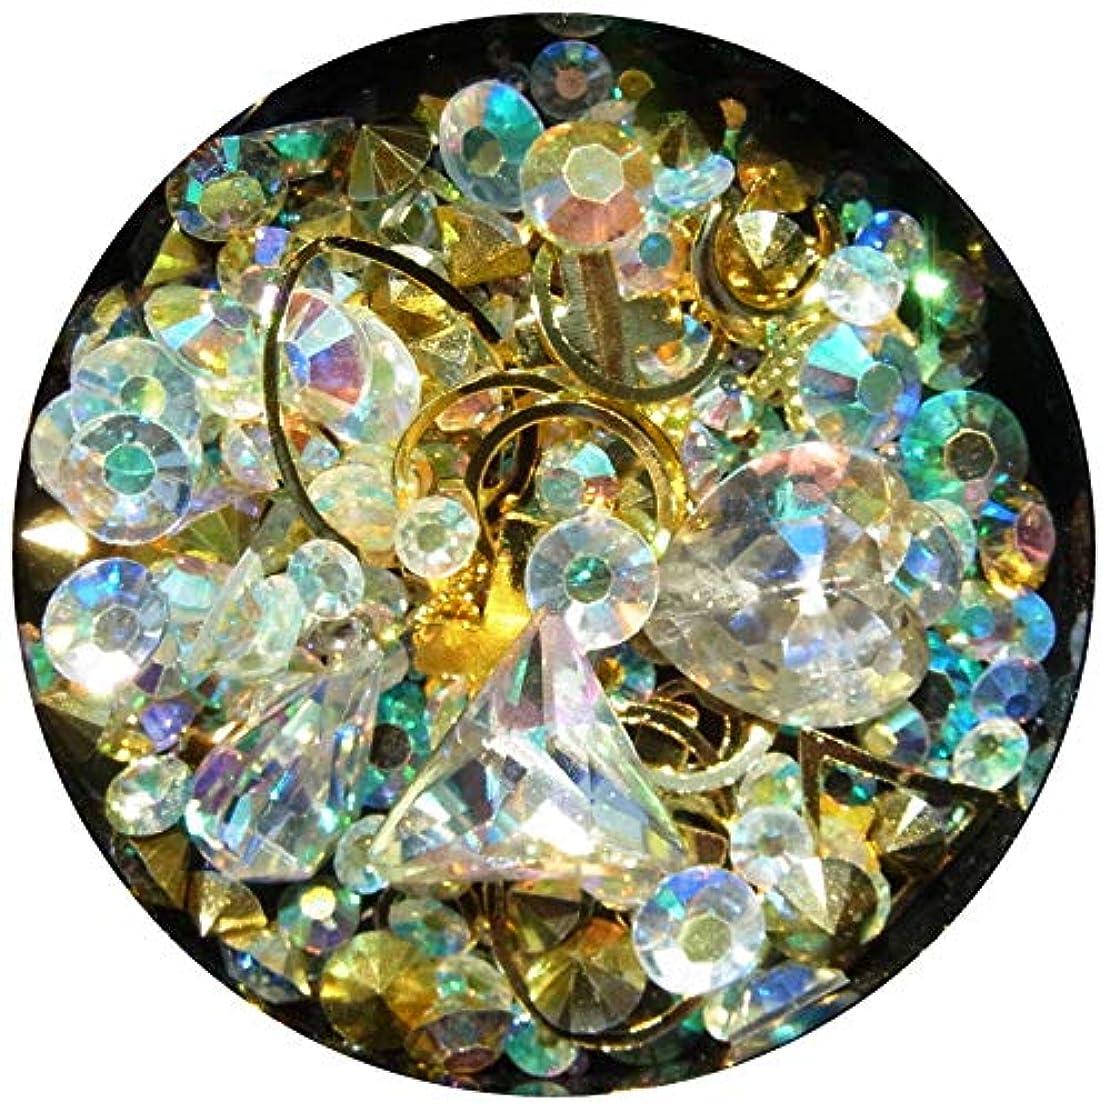 失勝利したサワー【jewel】メタルパーツ ミックス ラインストーン カーブ付きフレーム ゴールド ネイルアートパーツ レジン (11)